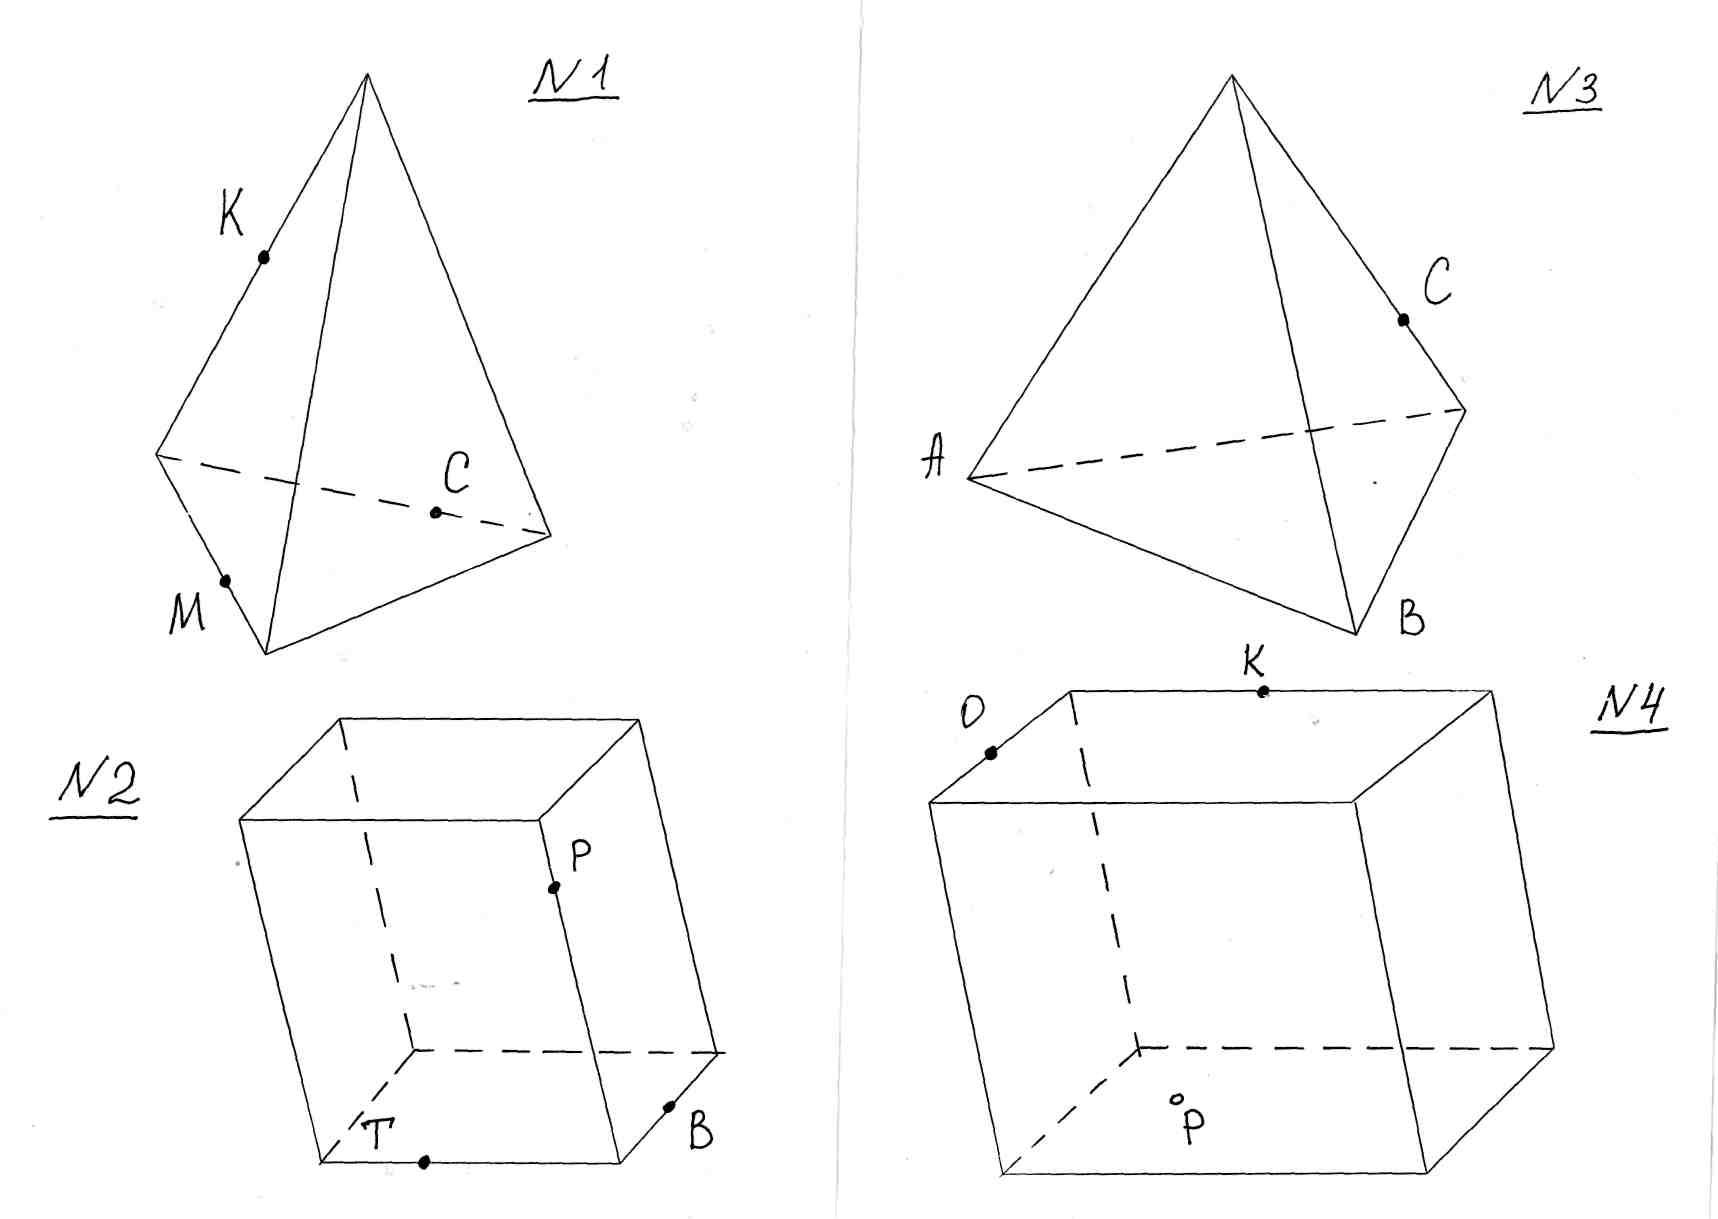 работаем картинки тетраэдр и параллелепипеда лопату новой